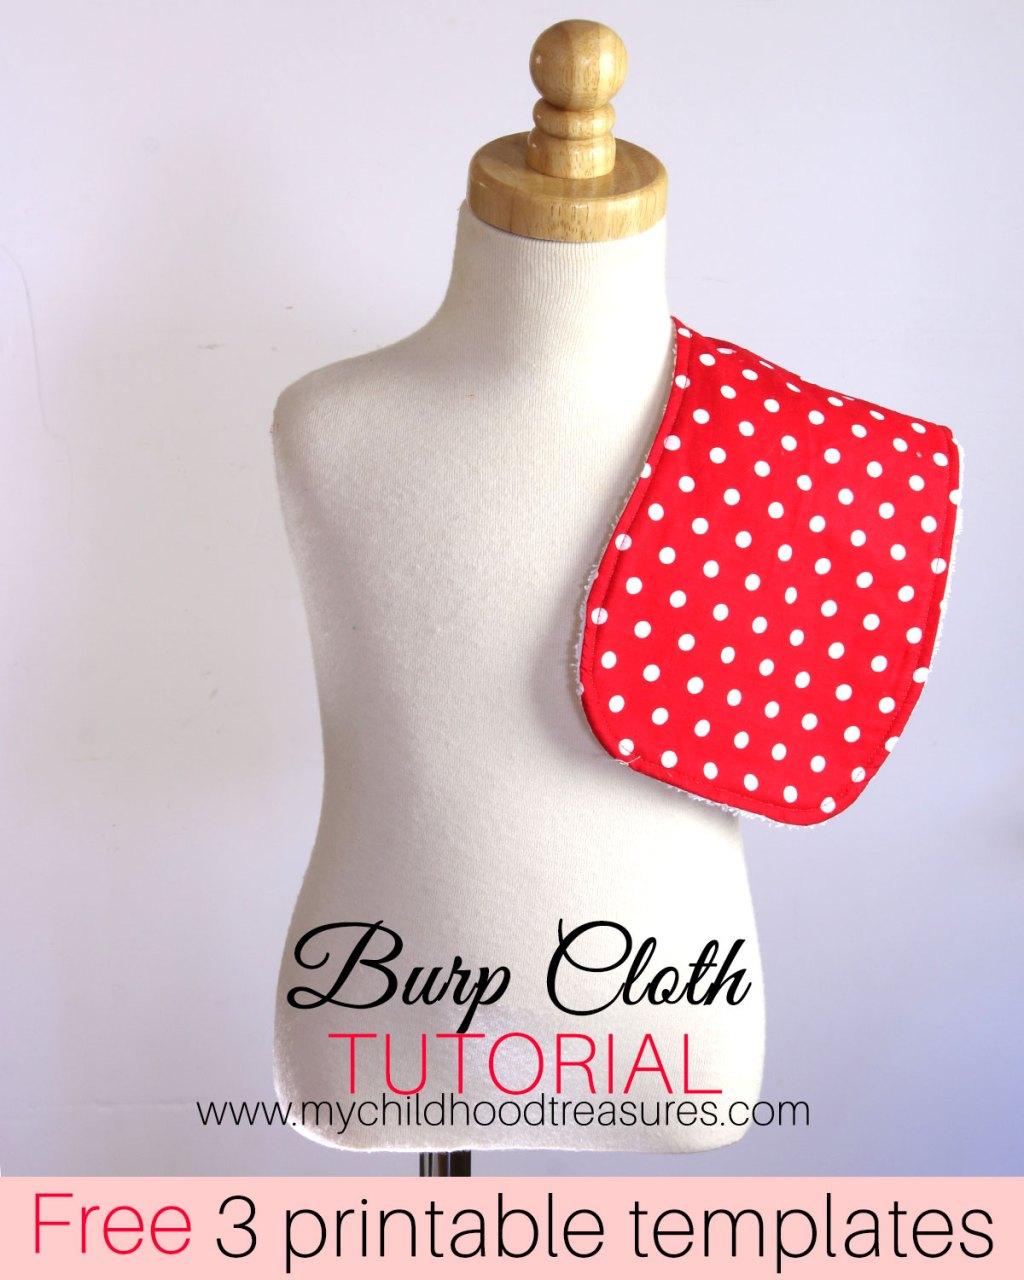 how to make a burp cloth